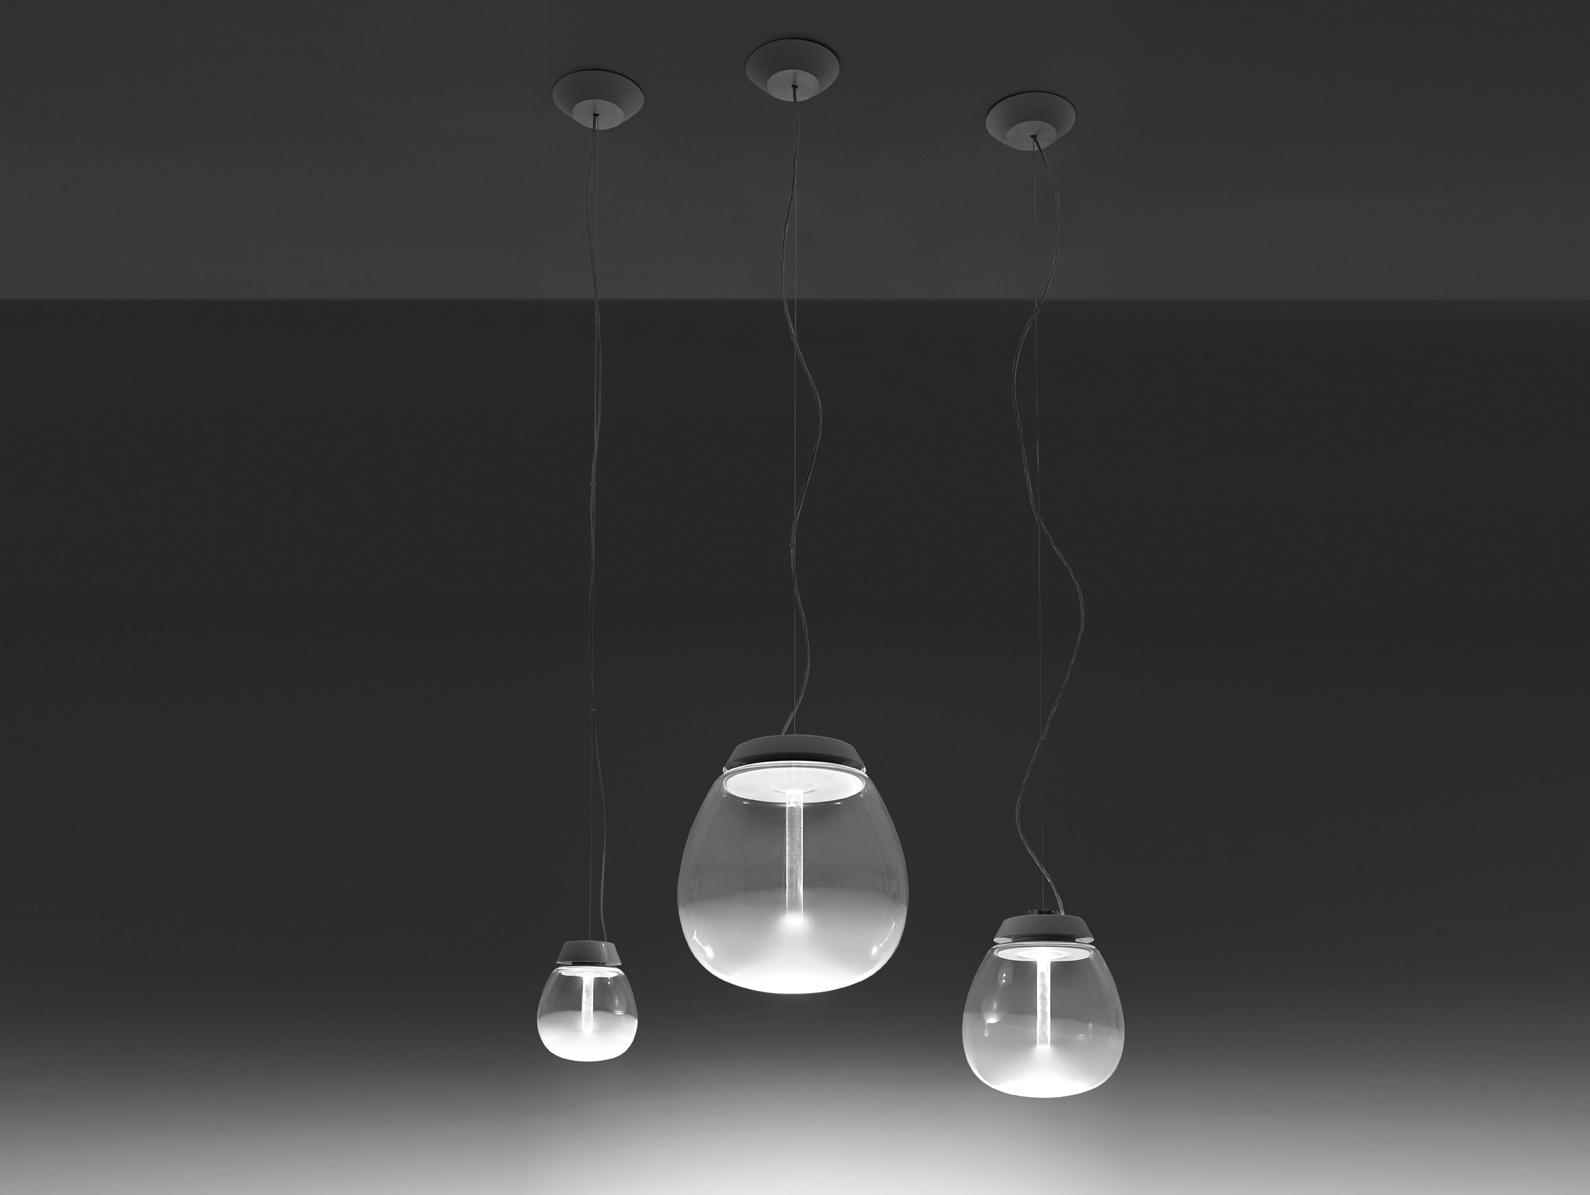 Lampade Da Soffitto A Led Artemide : Artemide empatia lampada da tavolo w led a lámparas